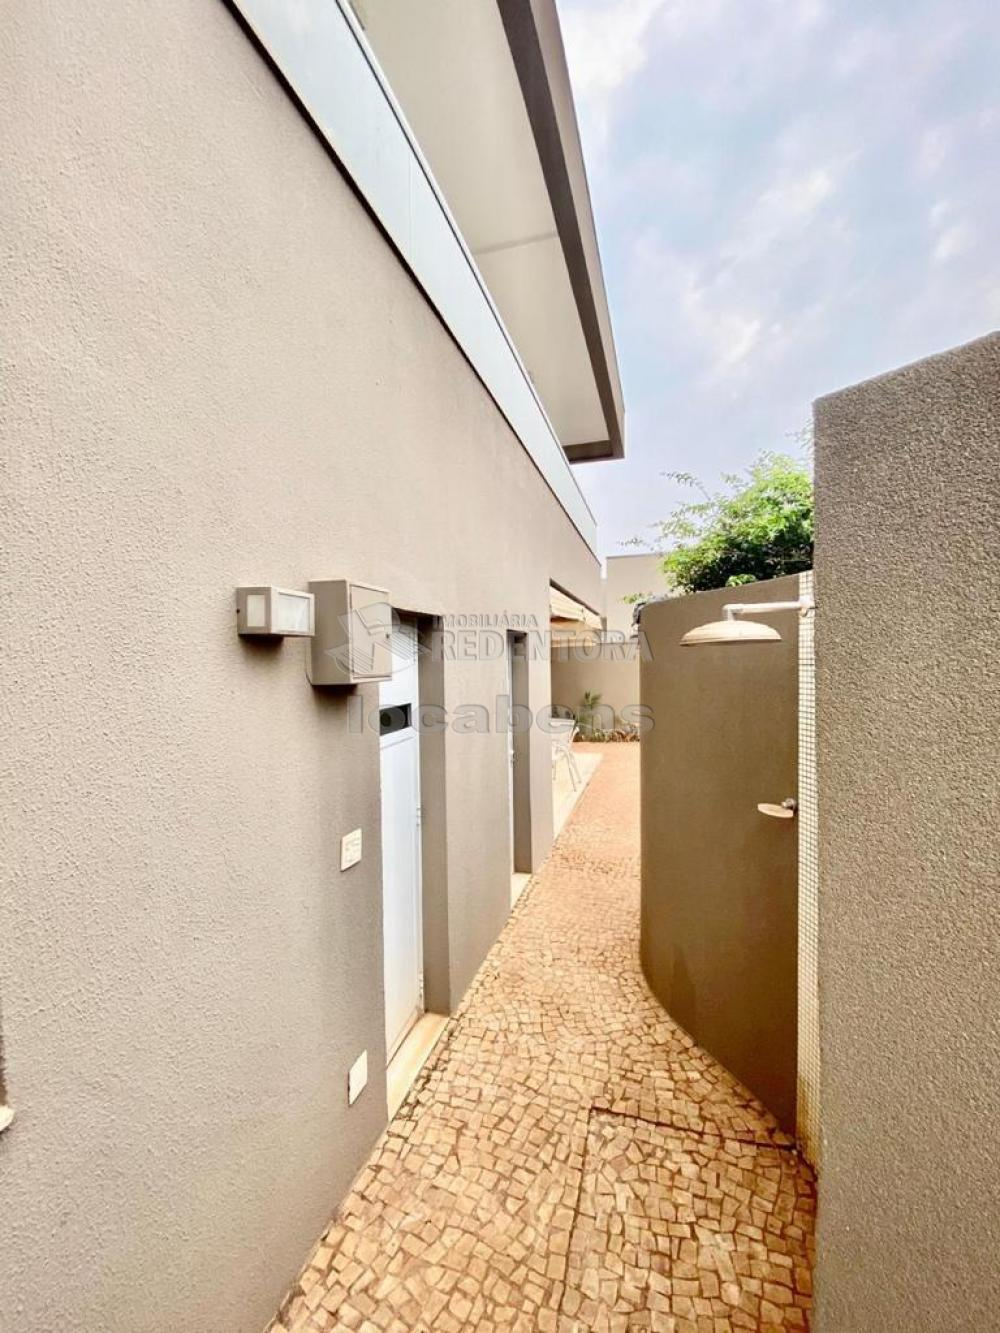 Comprar Casa / Condomínio em São José do Rio Preto R$ 1.750.000,00 - Foto 31